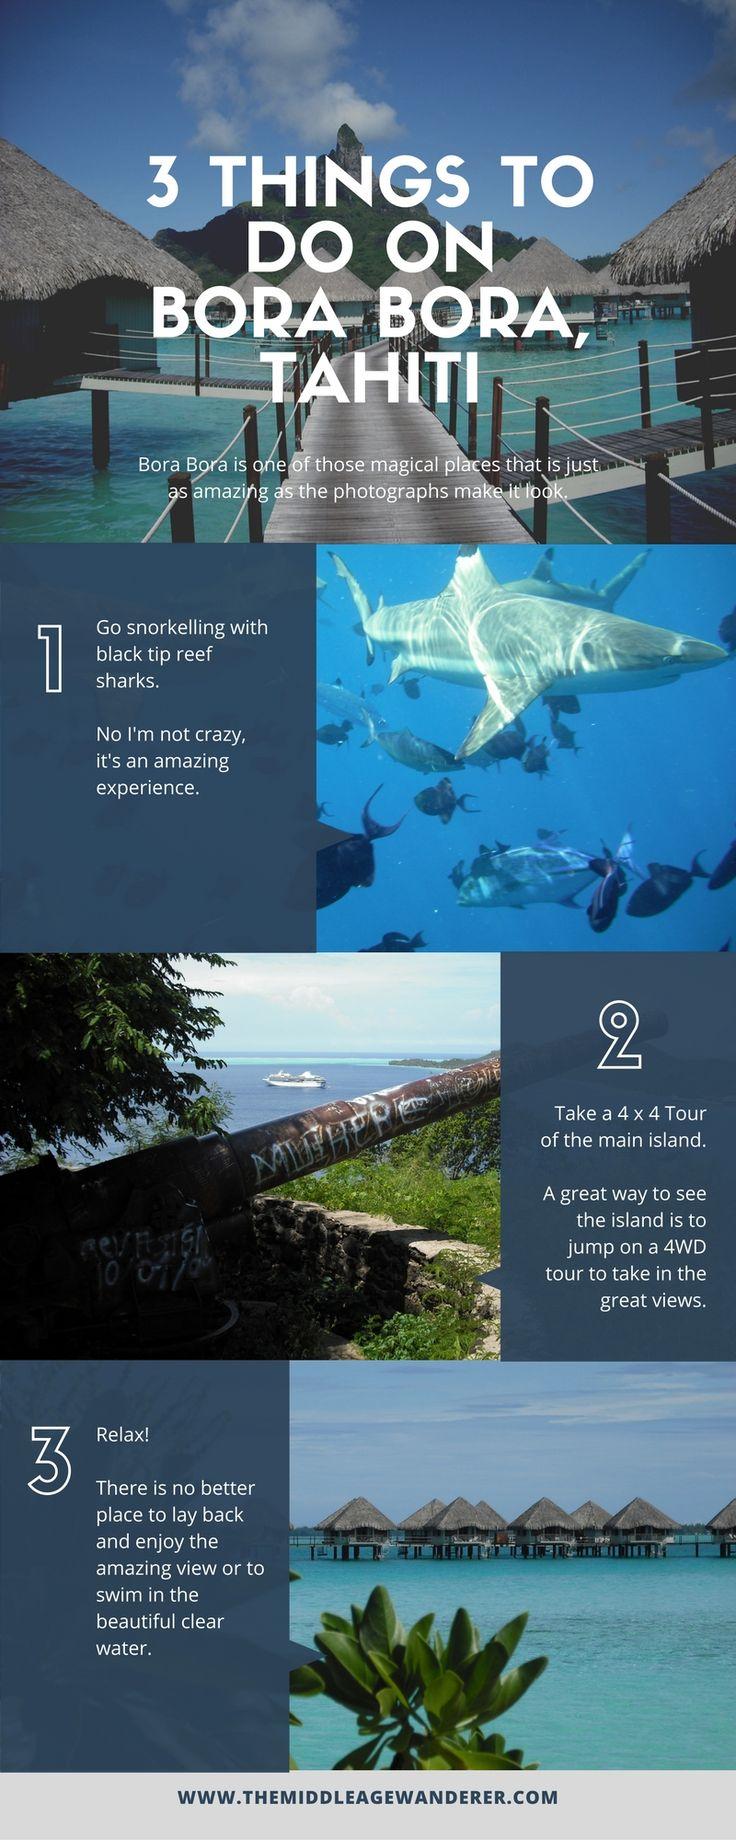 3 things to do on Bora Bora, Tahiti